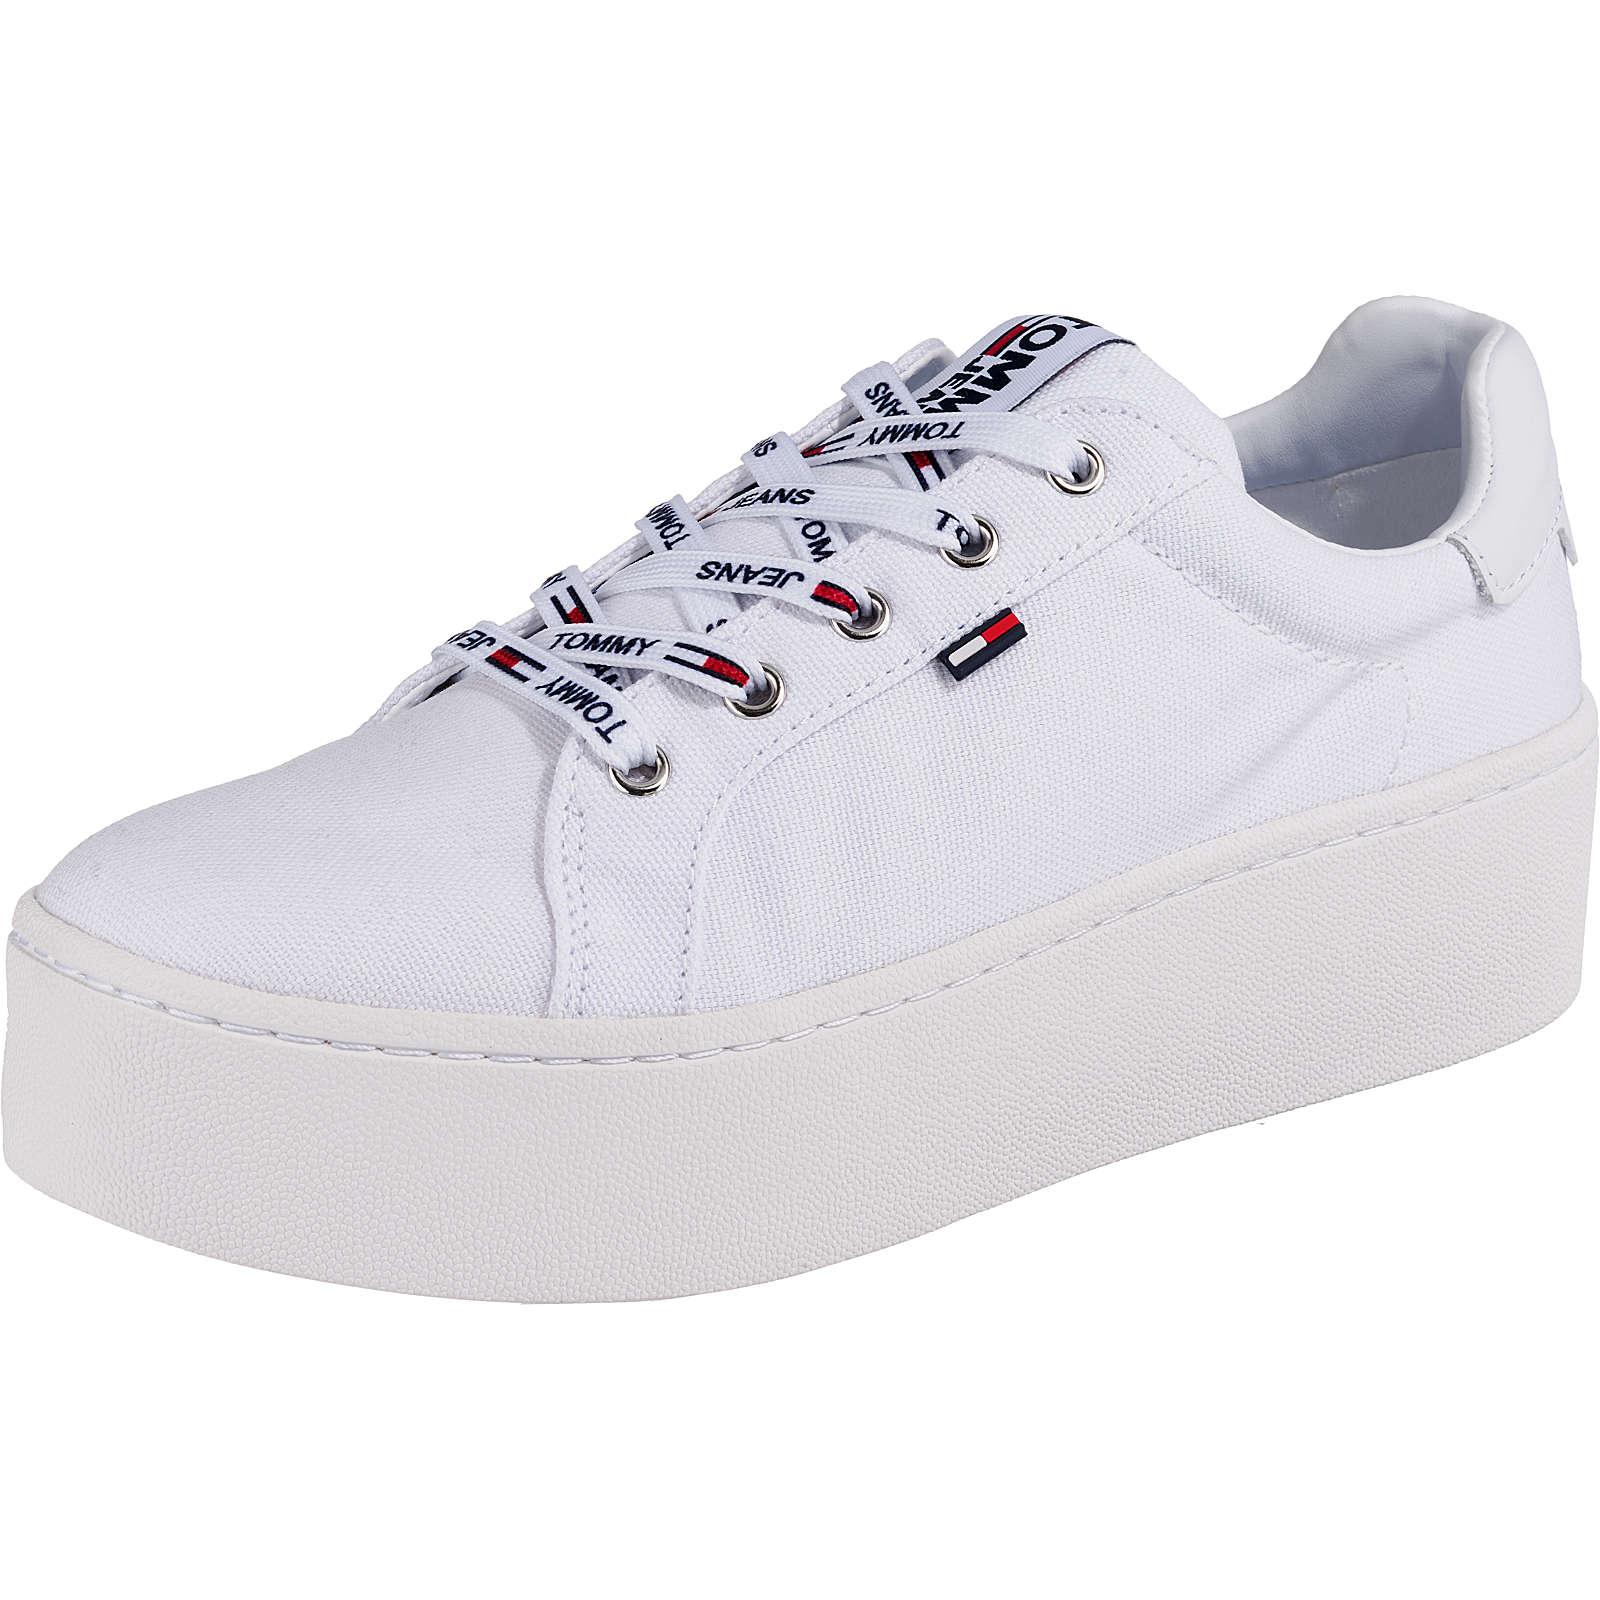 TOMMY JEANS FLATFORM SNEAKER Sneakers Low weiß Damen Gr. 40